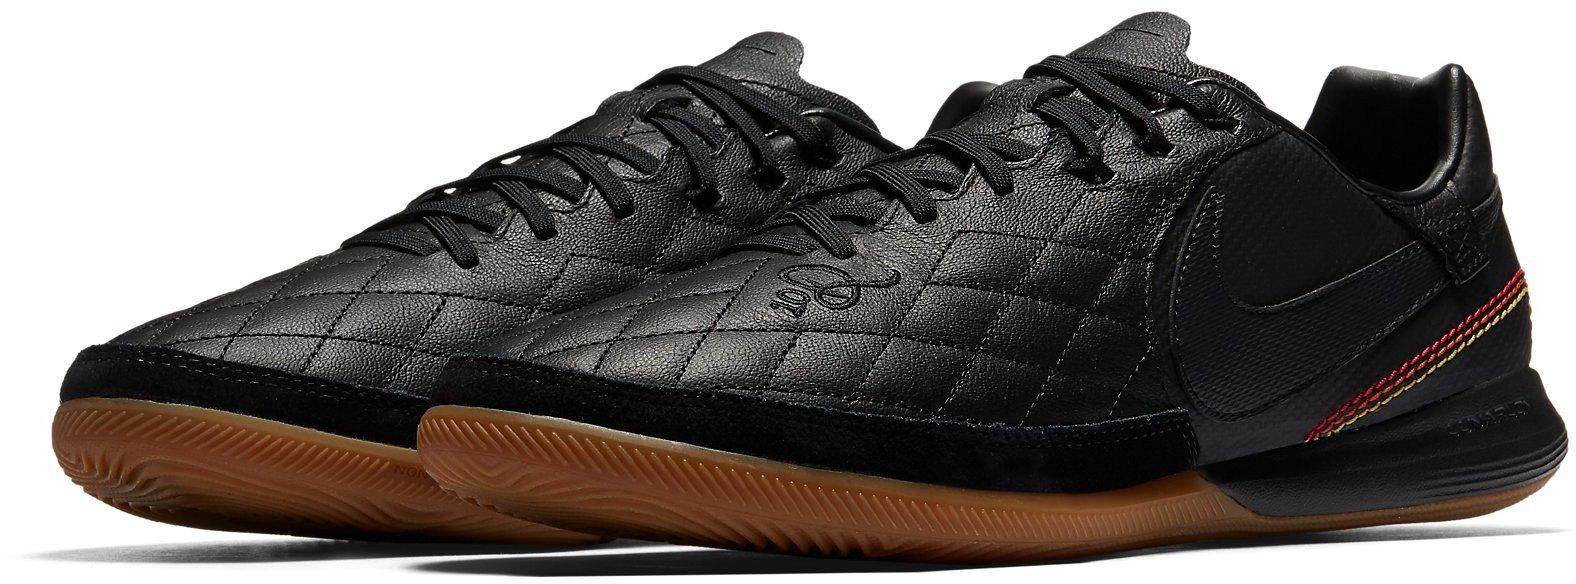 Indoor/court shoes Nike TIEMPOX FINALE